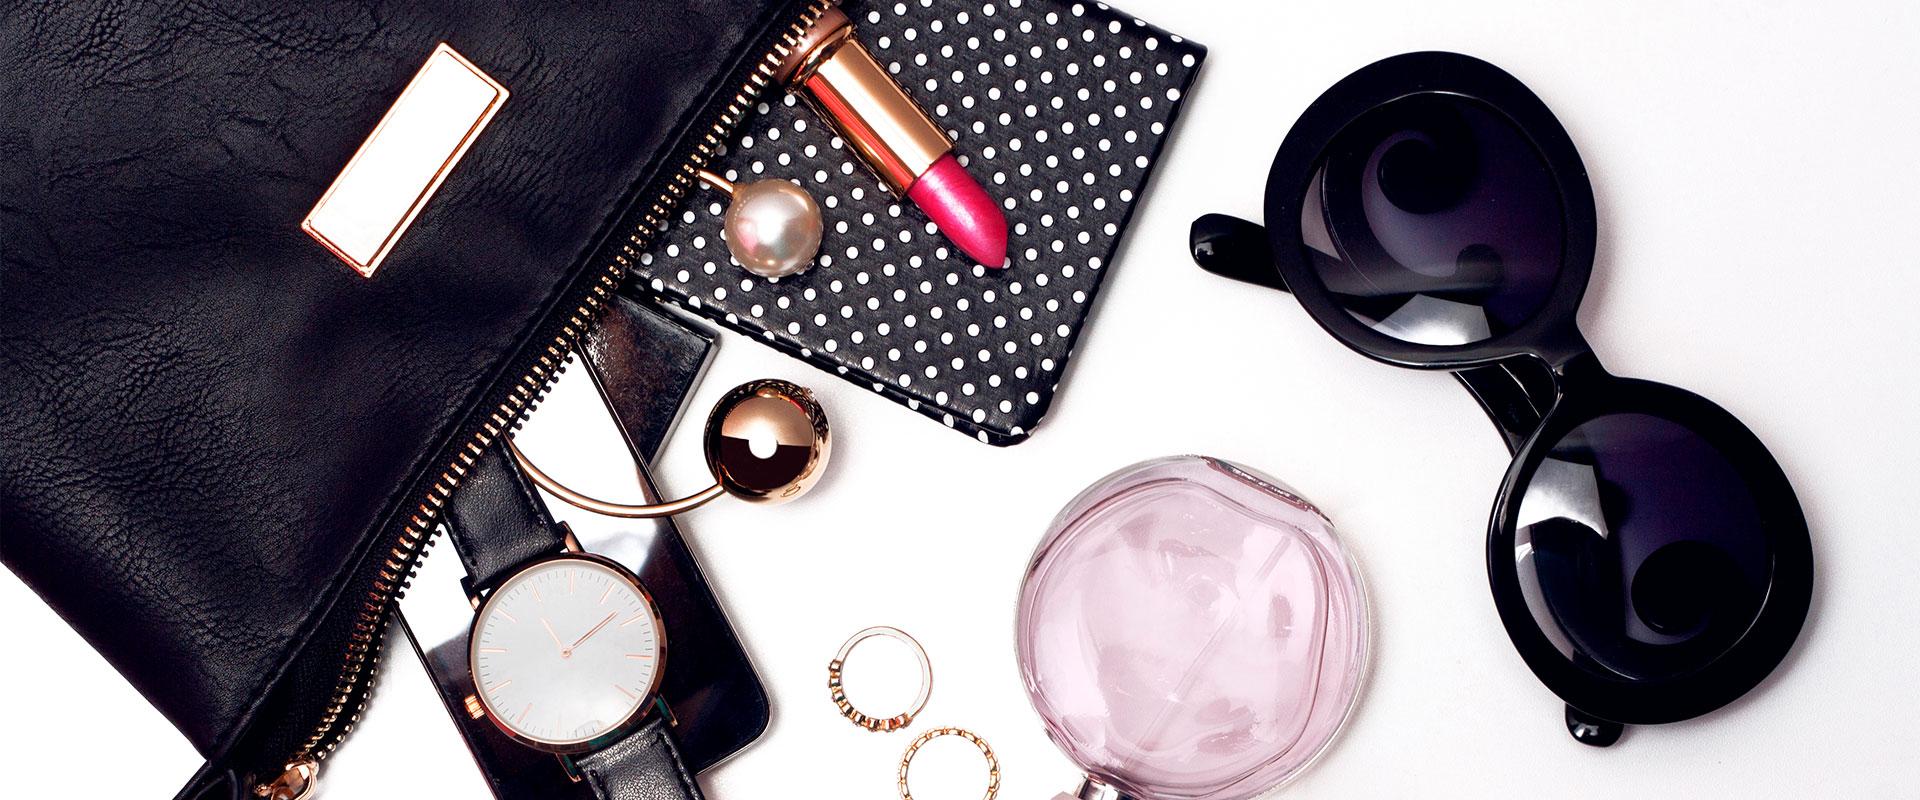 Fotografías del contenido del bolso de una mujer, incluyendo unas gafas de sol.